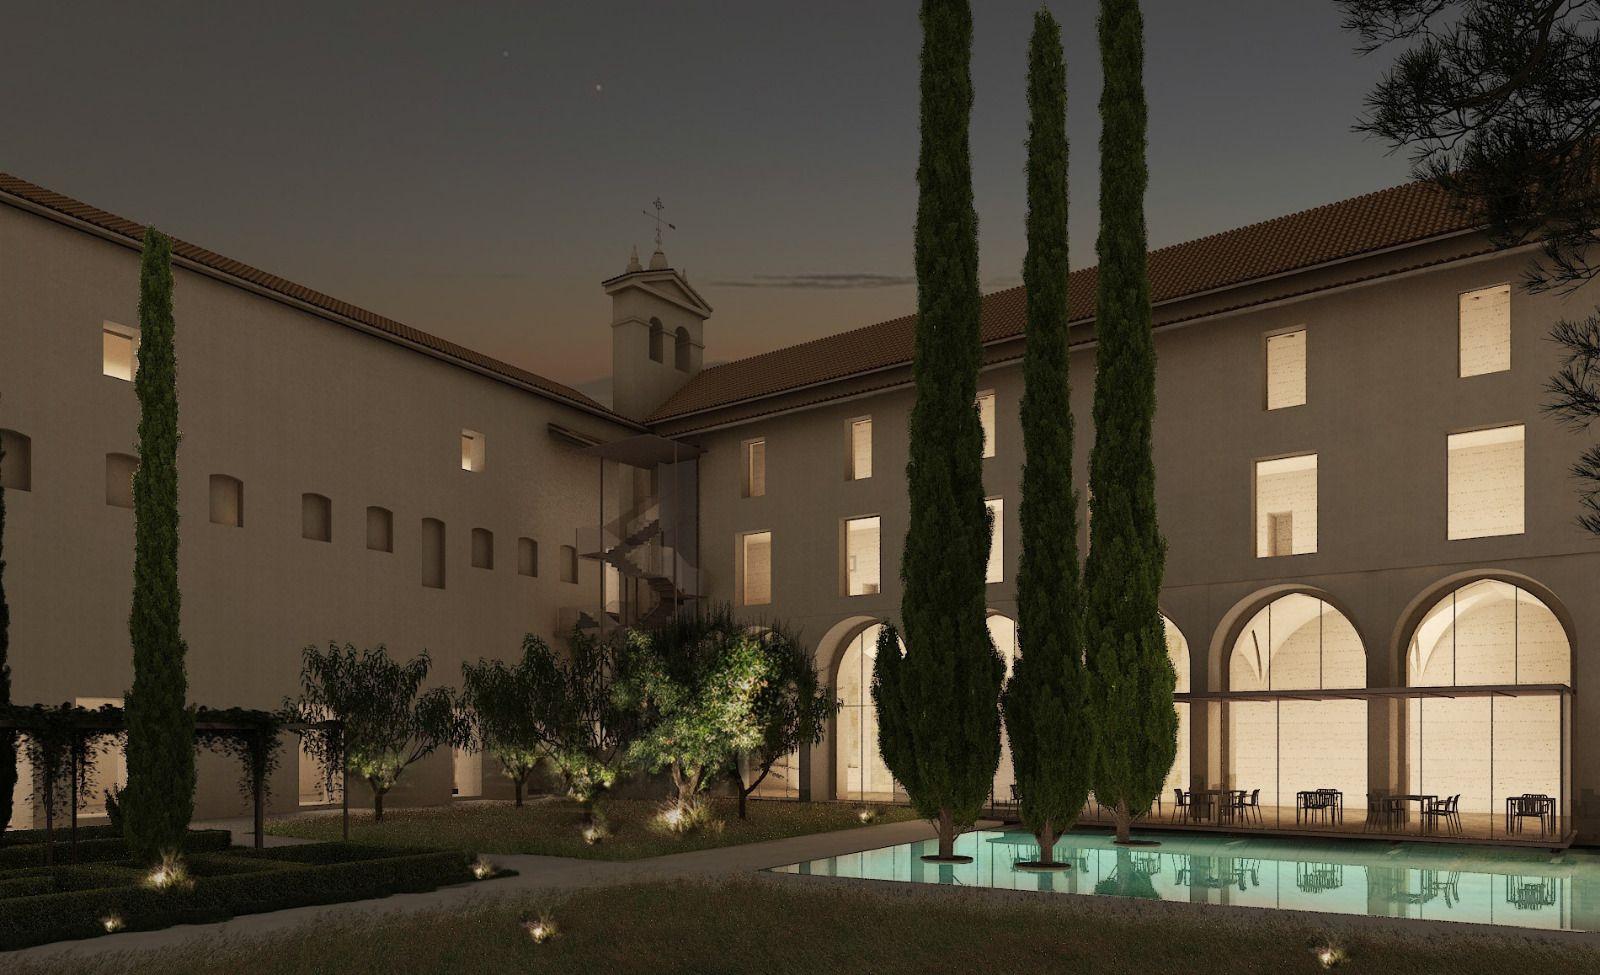 La reforma del Centre Raimon respetará la identidad de Santa Clara